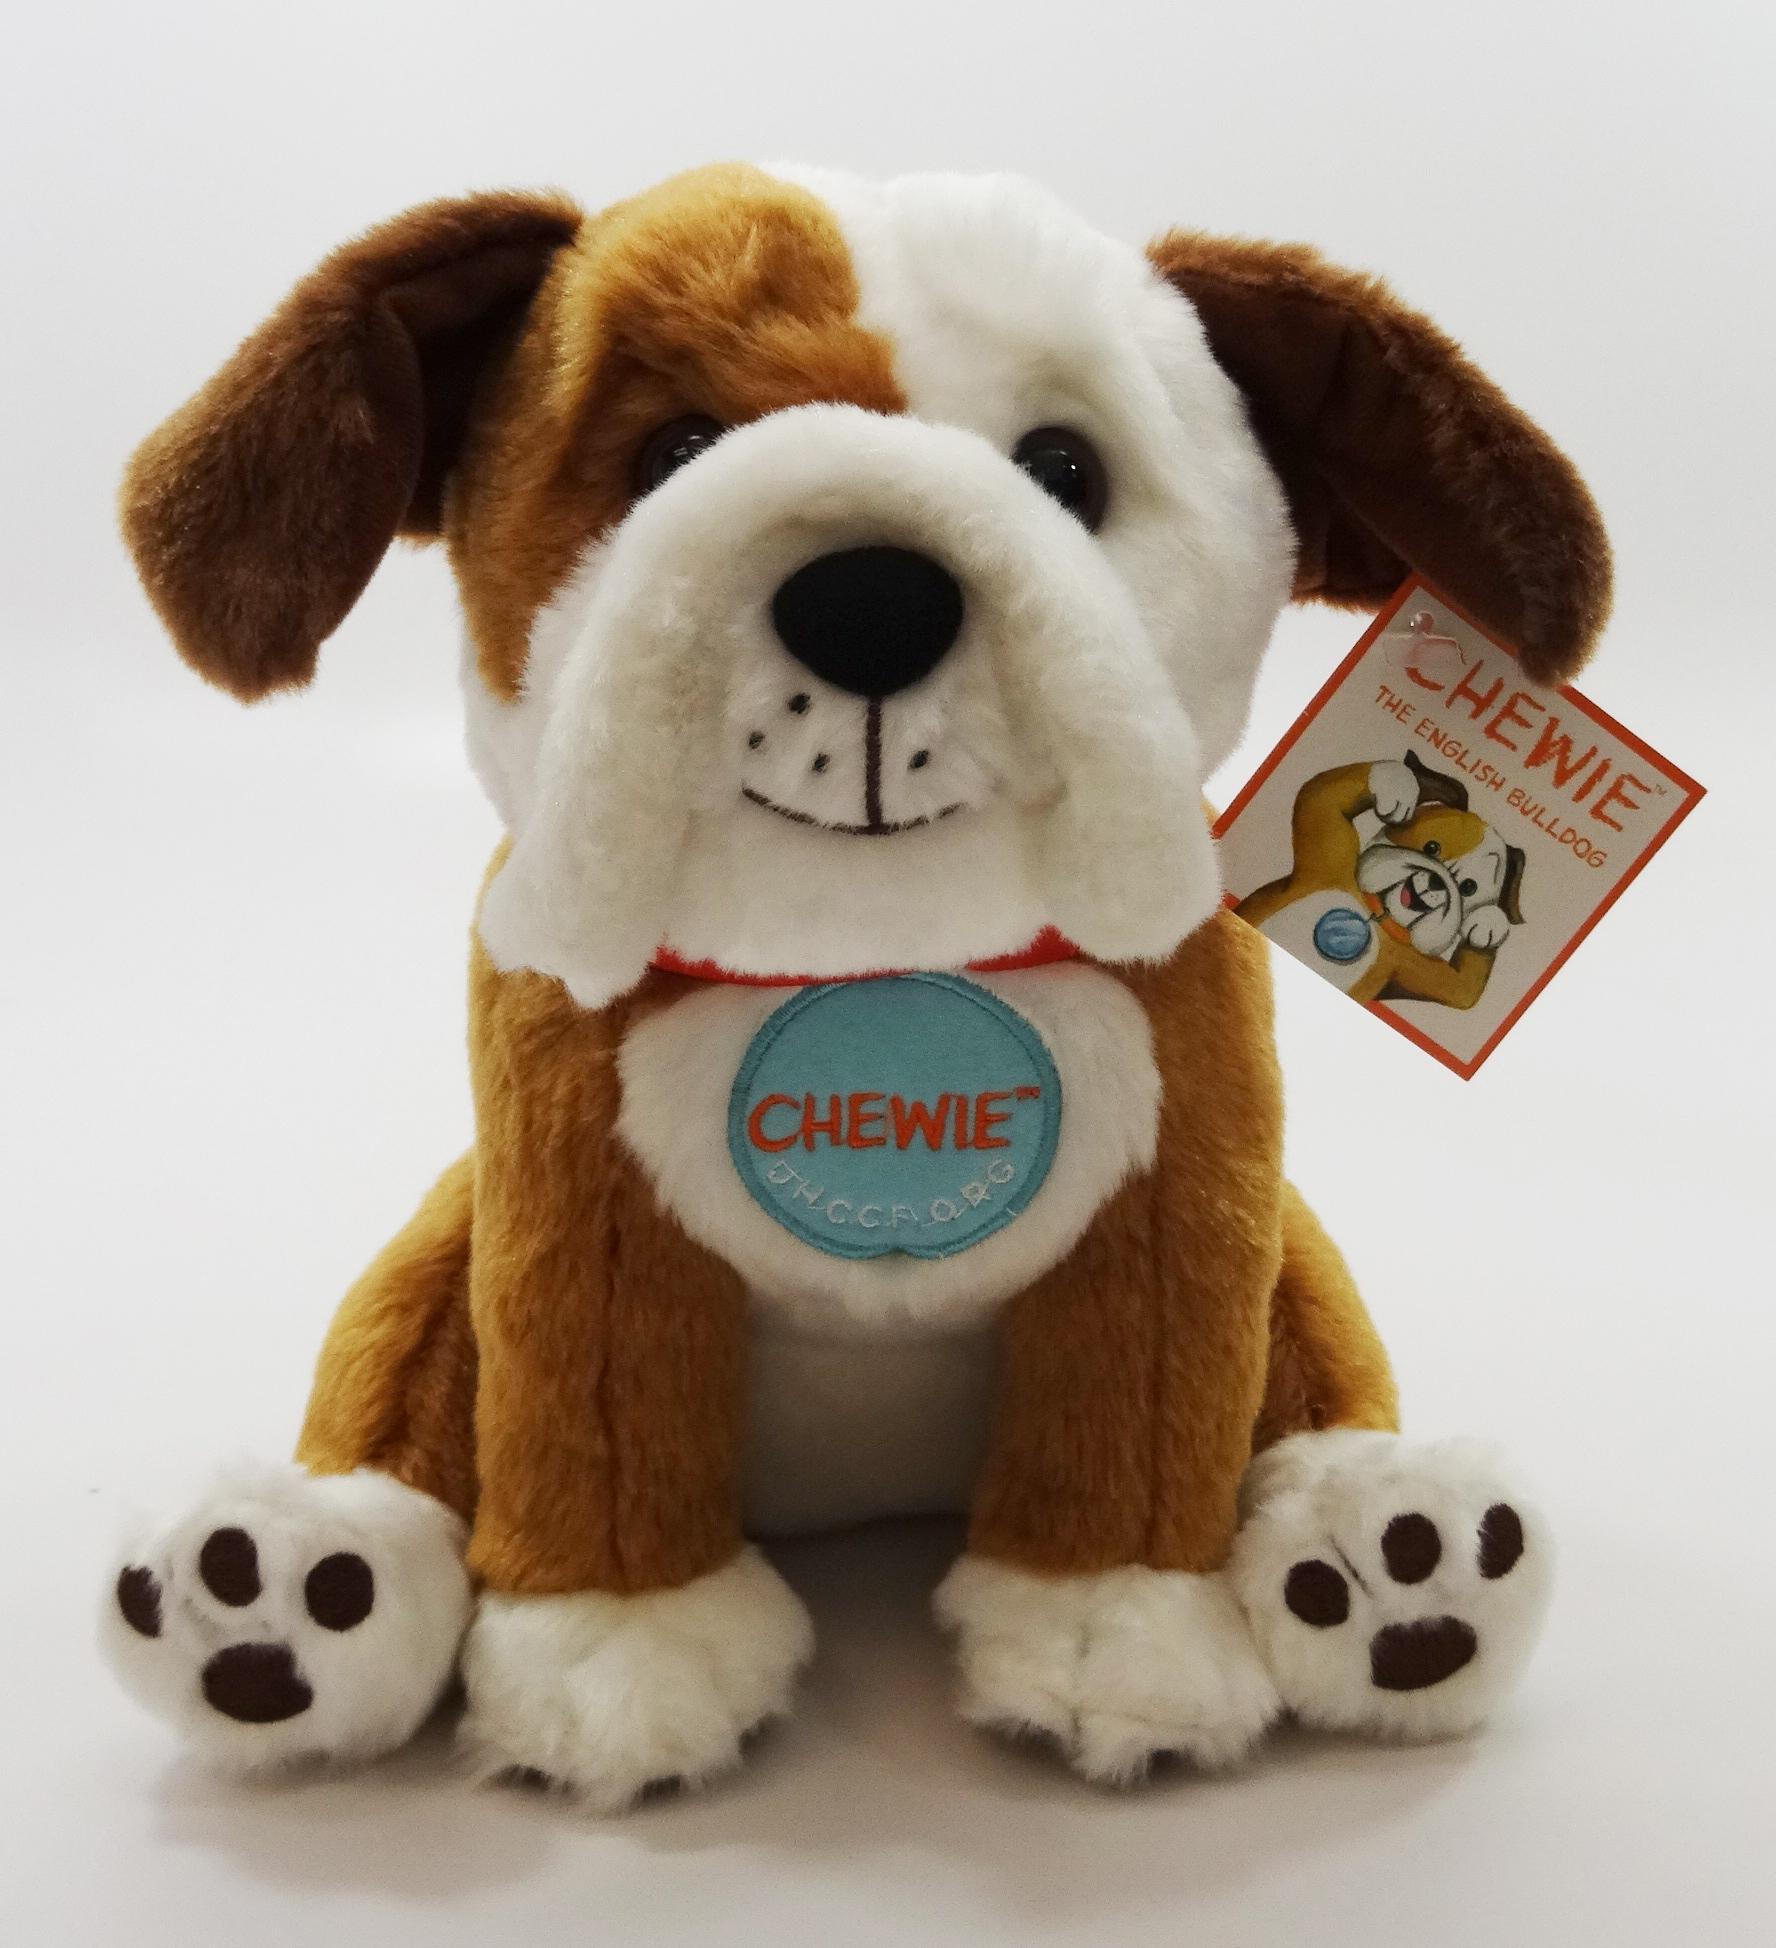 Plush Toys Product : Douglas recalls plush toys due to choking hazard cpsc